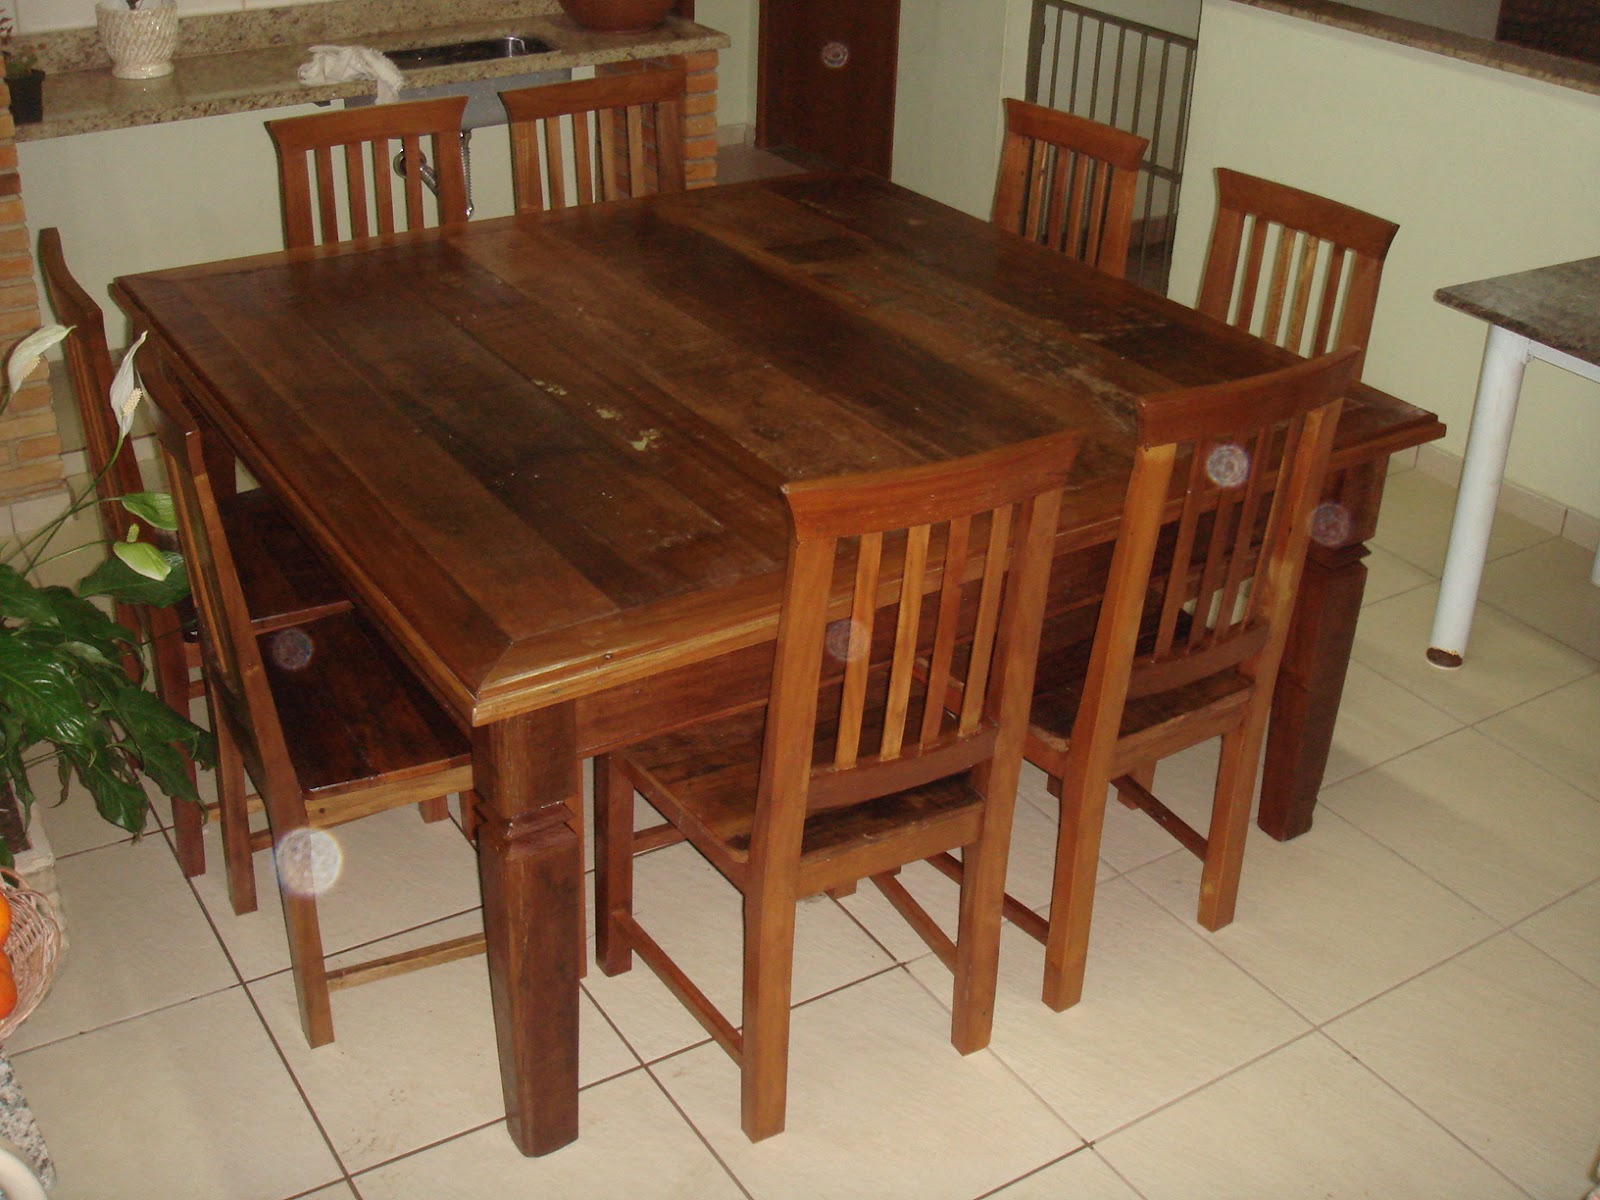 antiguidades: Jogo de mesa e cadeiras em madeira de demolição #6E391E 1600x1200